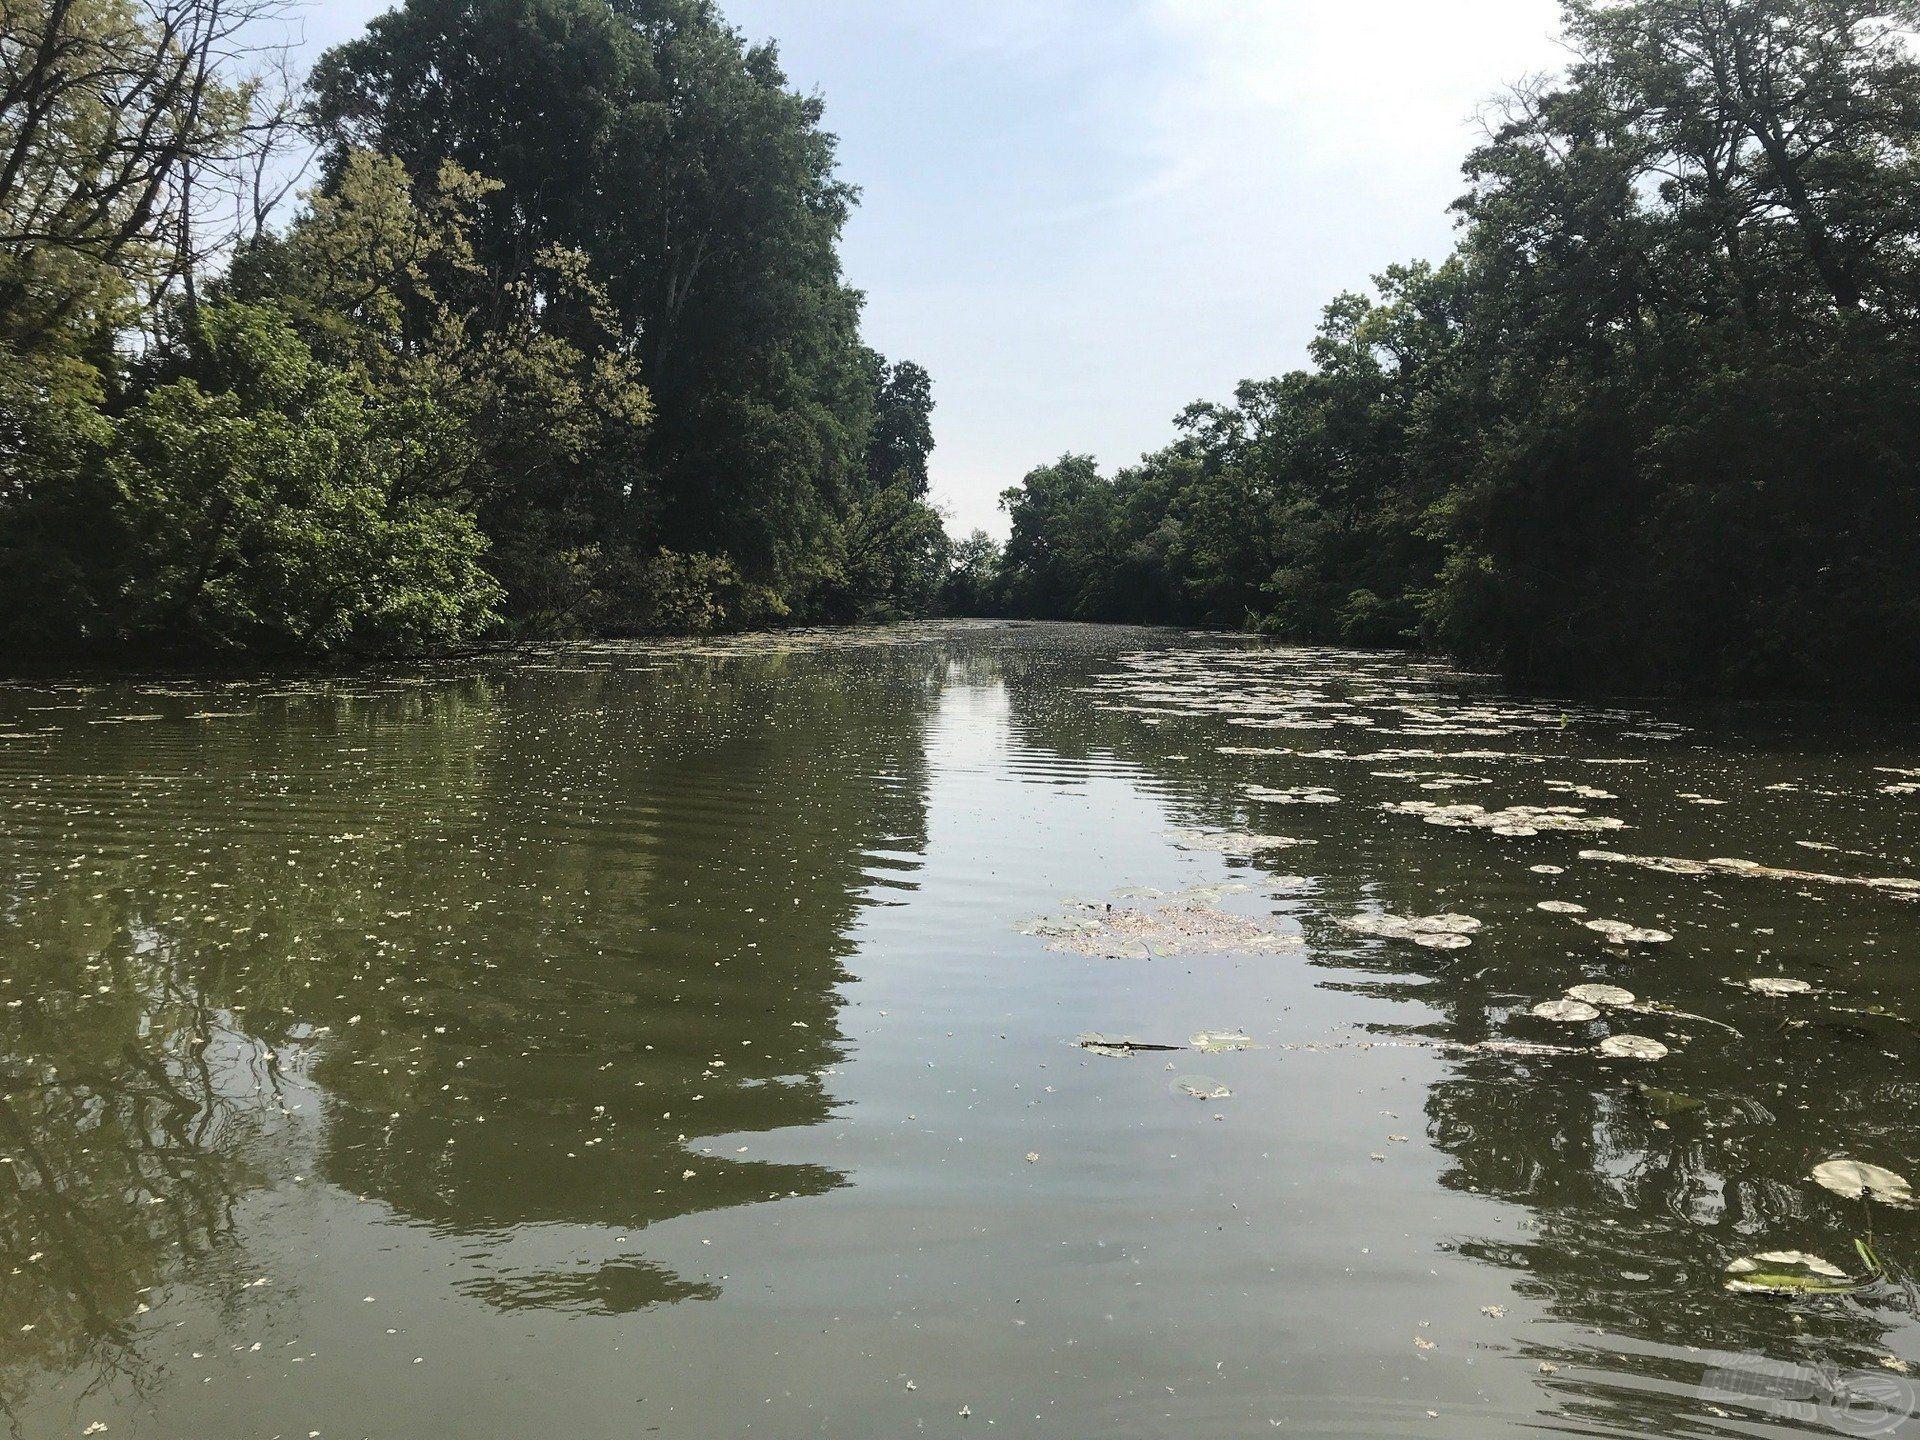 Tavakon is bosszantó, de folyóvizeken nagyon megnehezíti a horgász dolgát